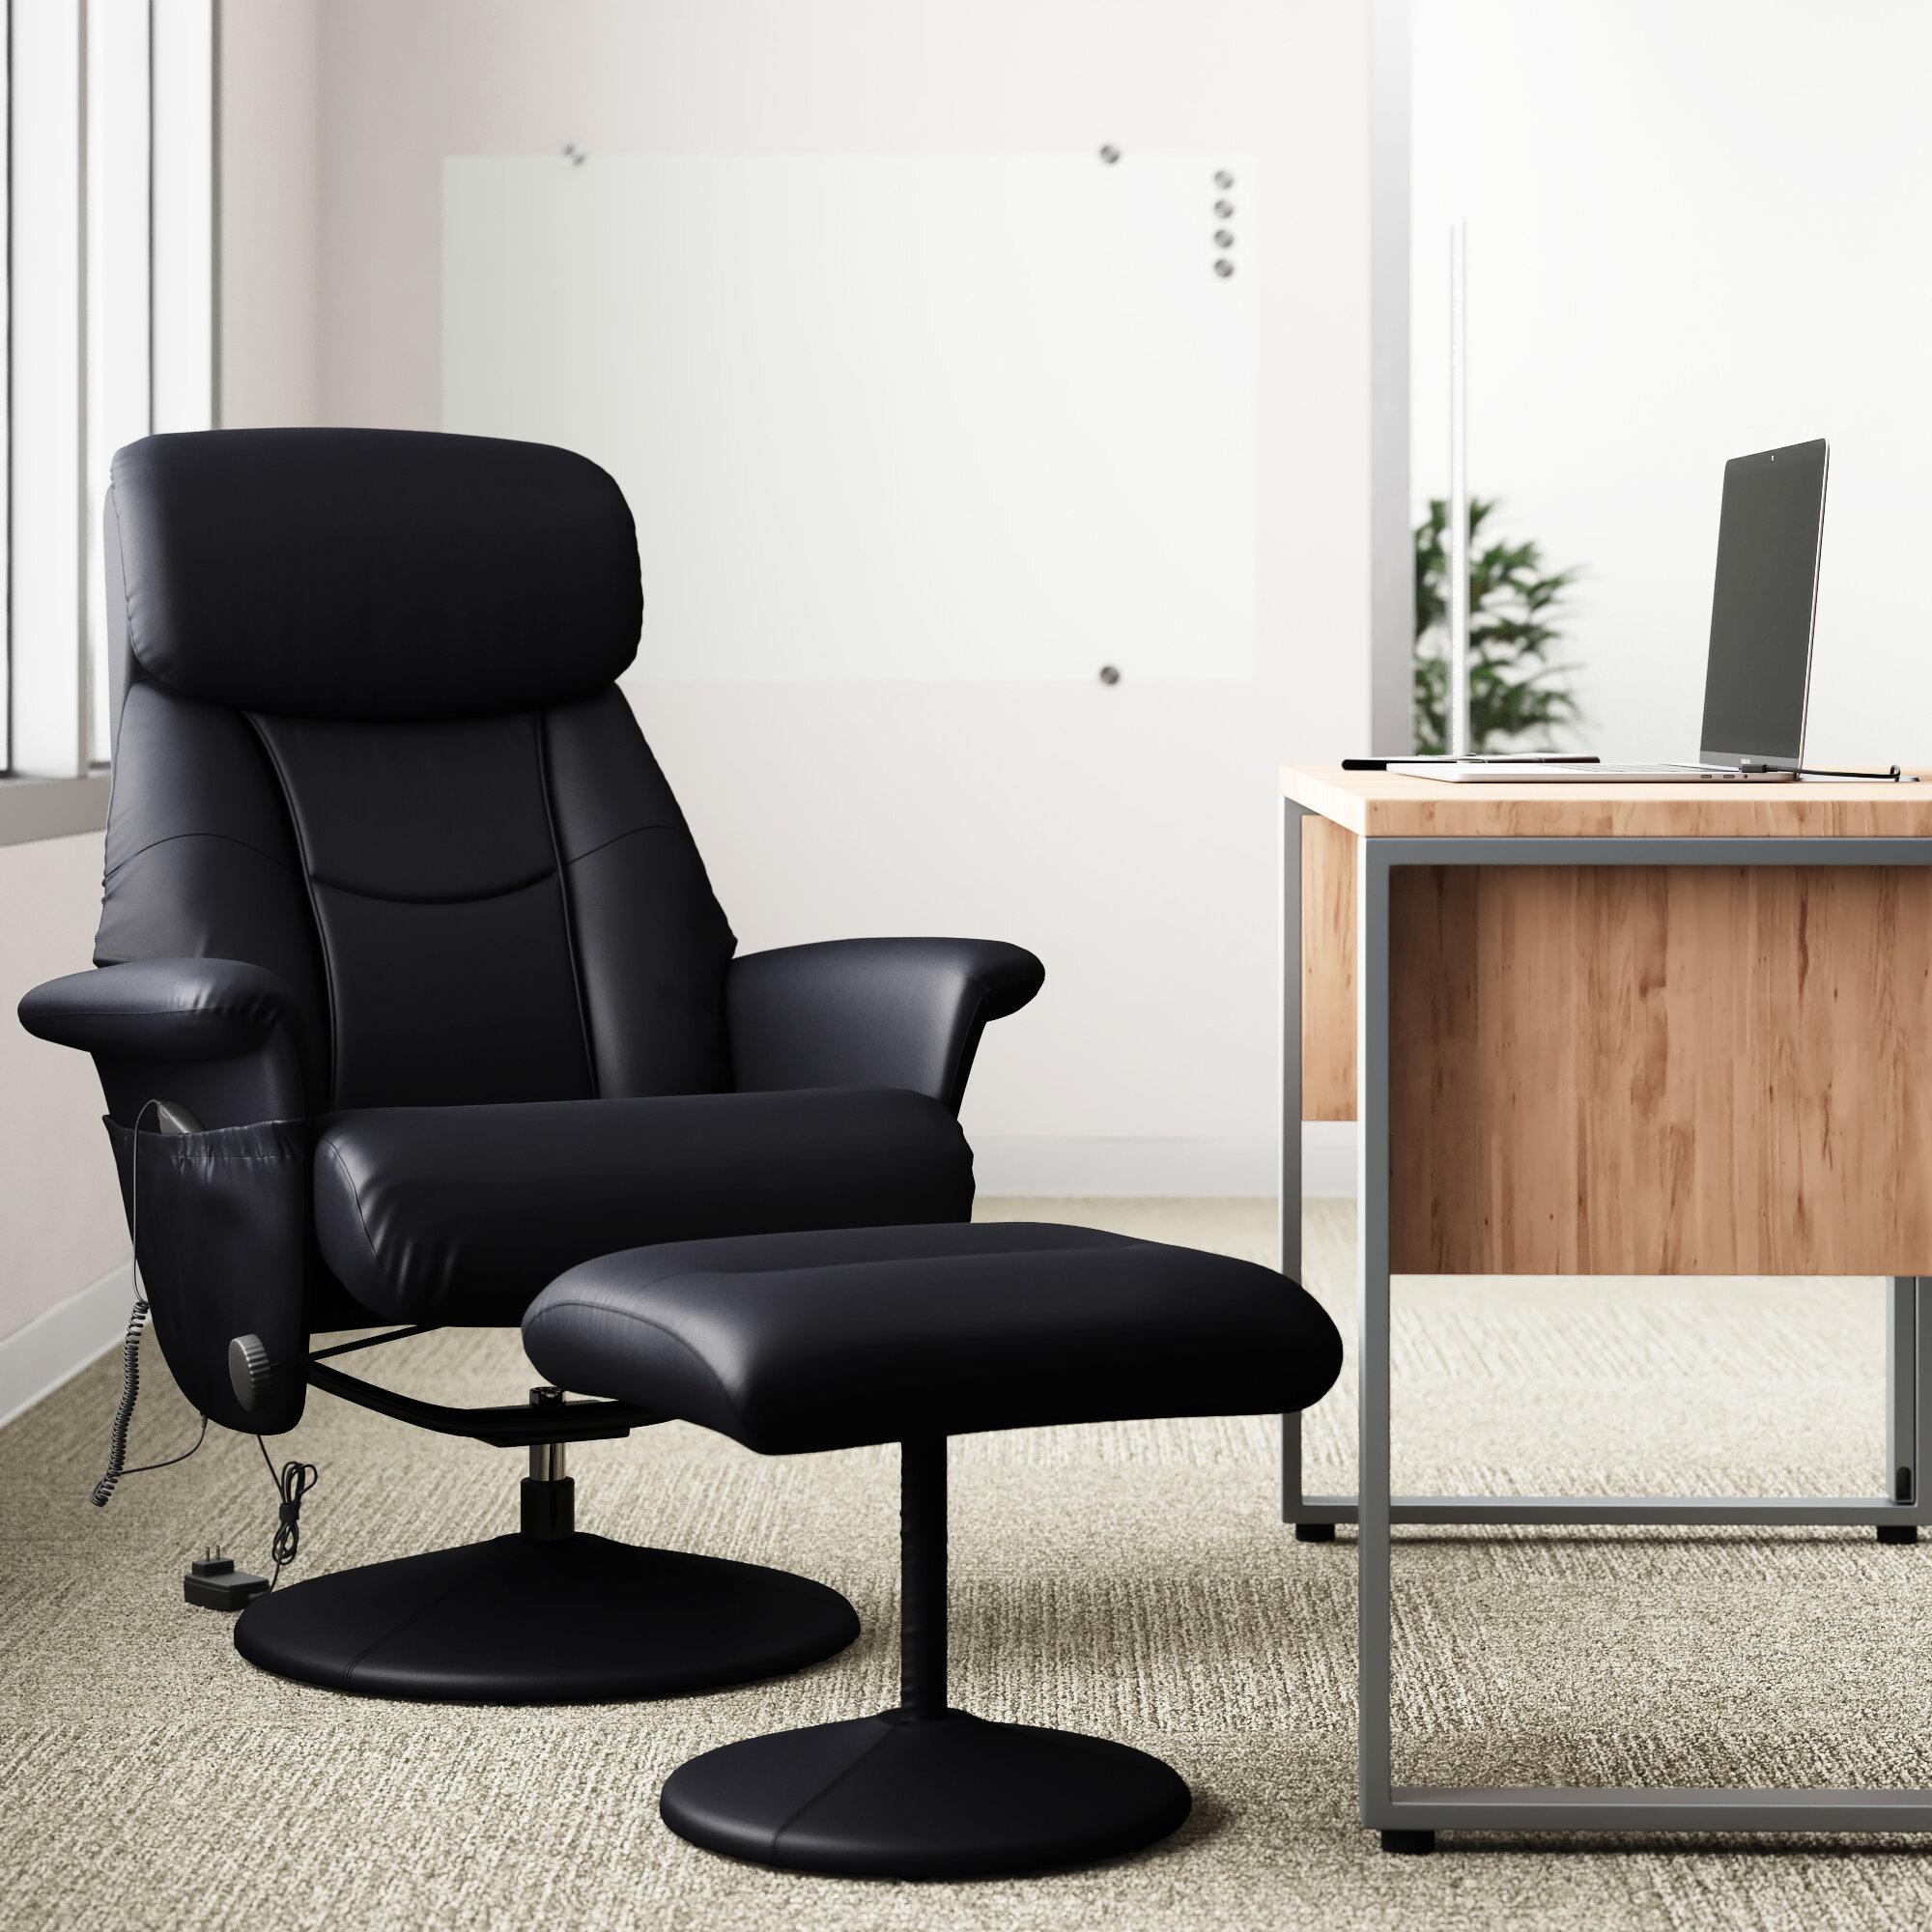 Lumbar Support Executive Chair